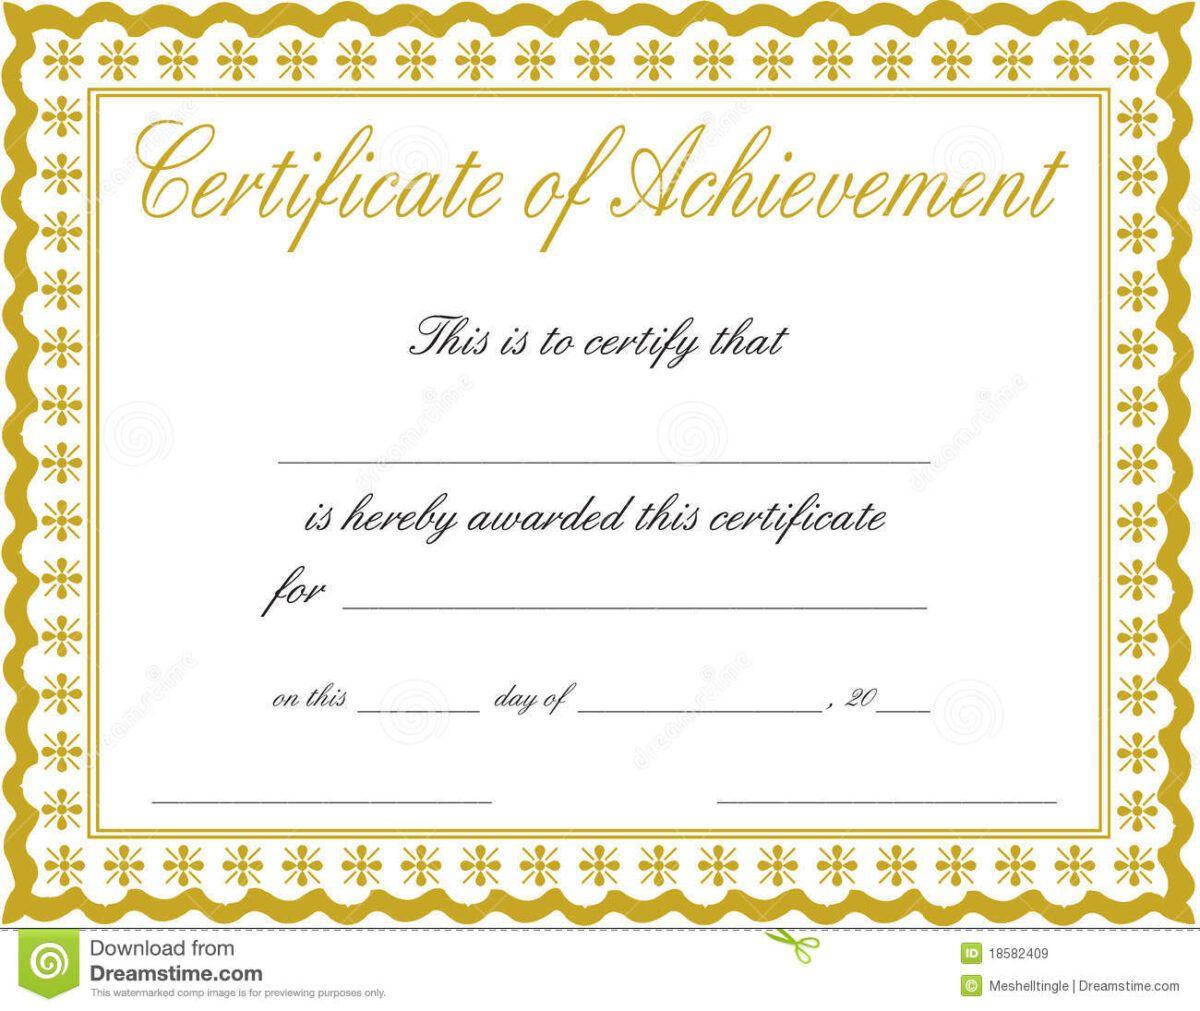 Docx Achievement Certificates Templates Free Certificate Of In Certificate Free Printable Certificates Awards Certificates Template Blank Certificate Template Free download award certificate templates